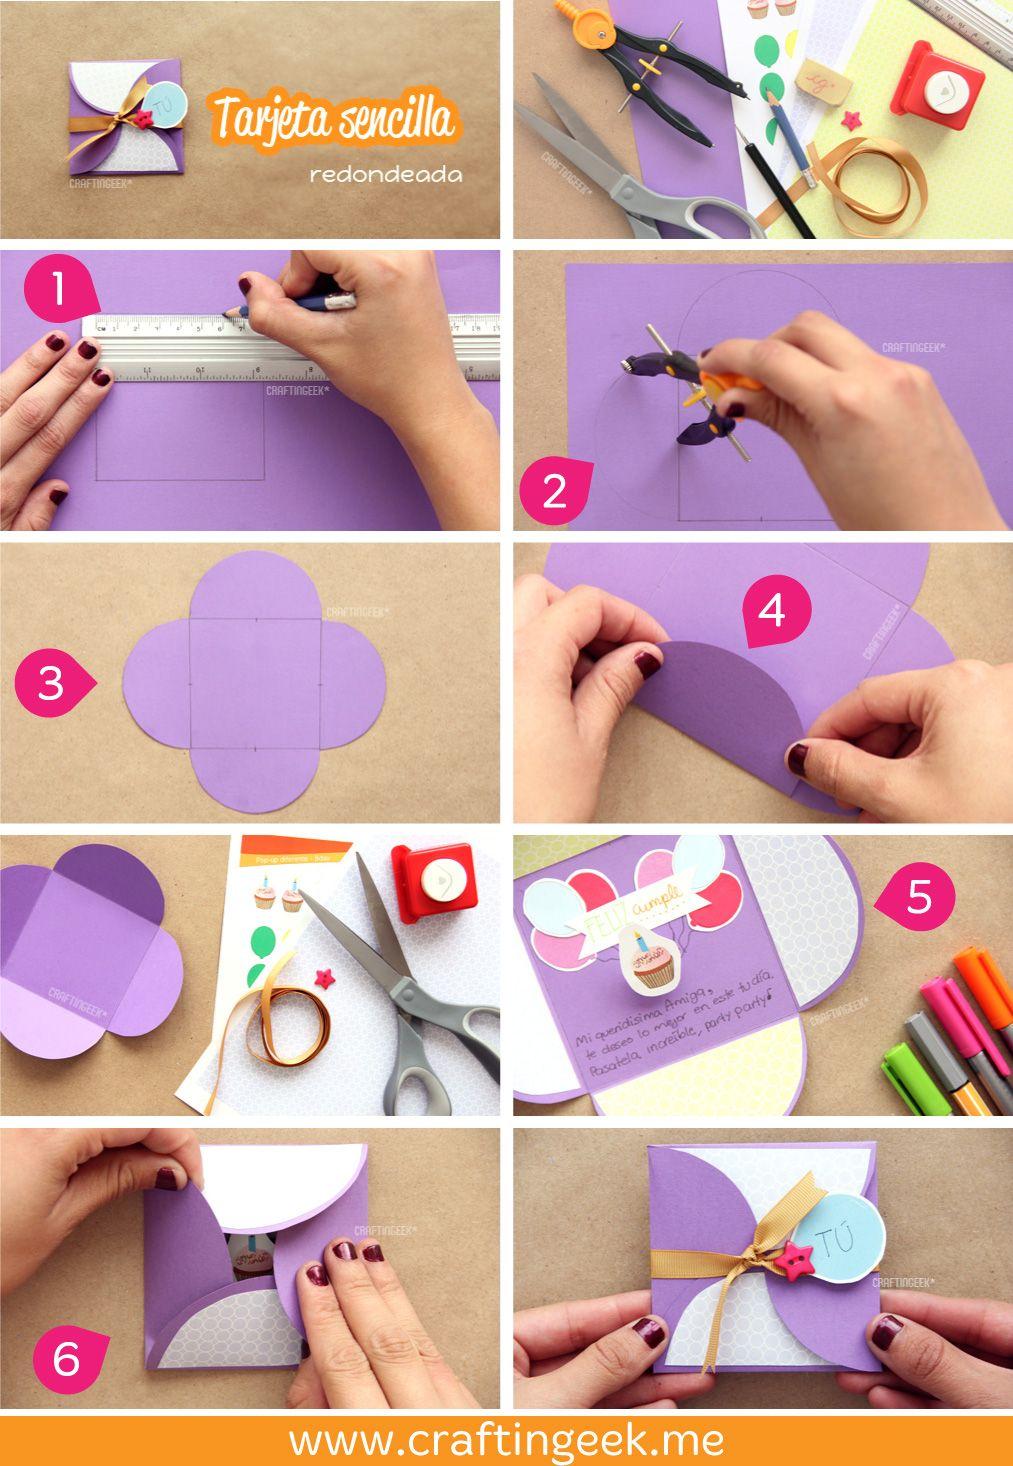 Scrapbook ideas step by step - La Tarjeta Sencilla Con Bordes Redondeados Hazla En 1 2 Por 3